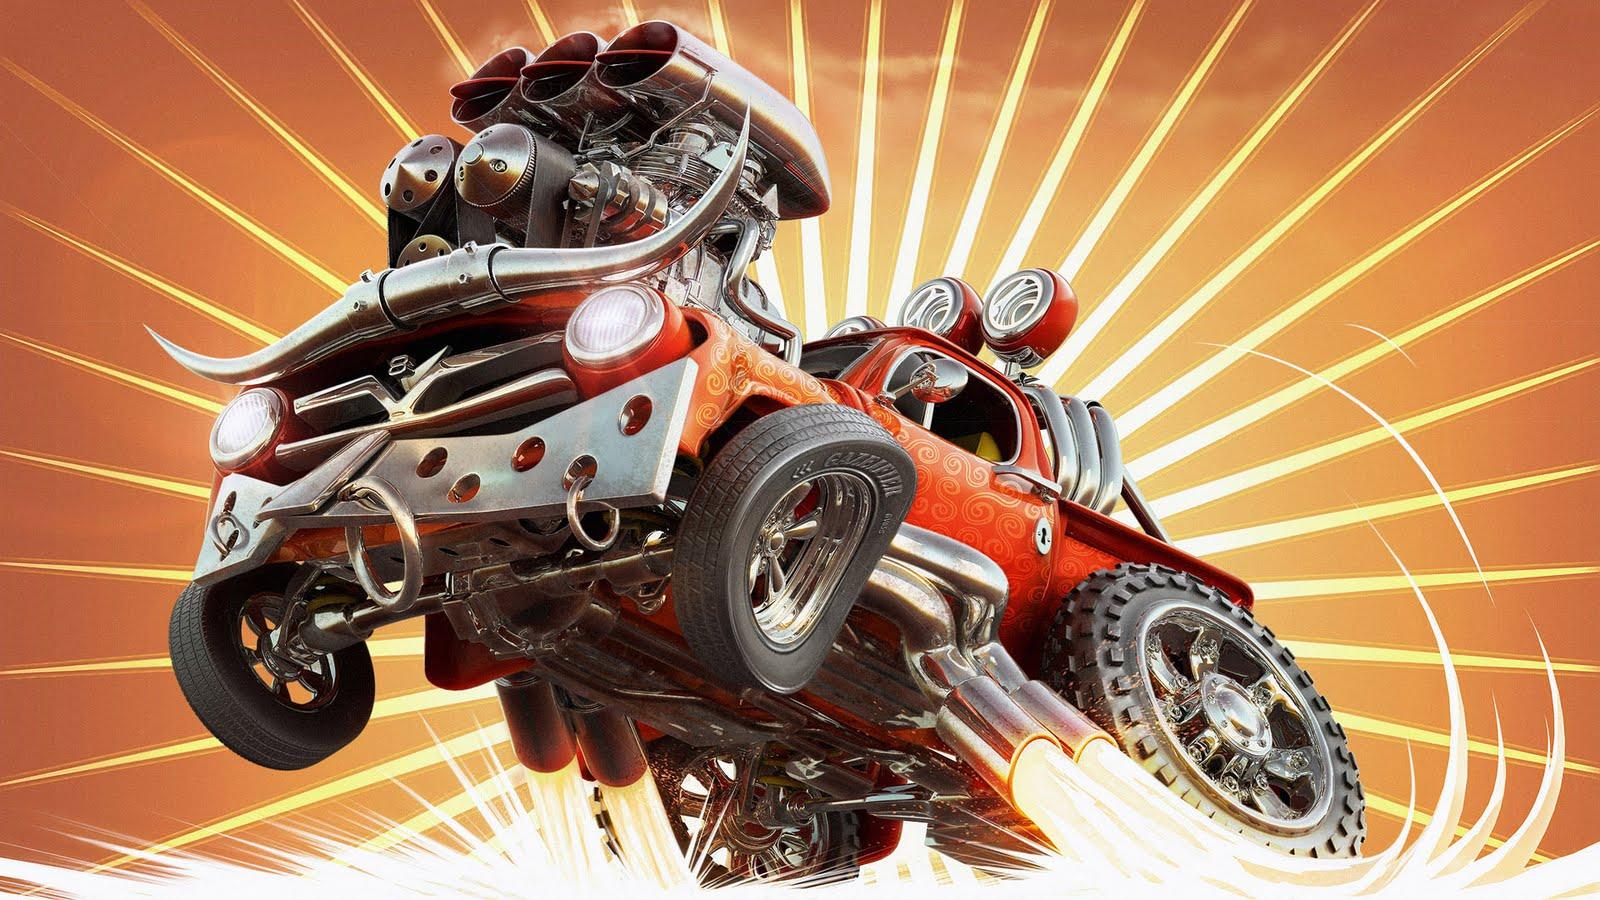 http://4.bp.blogspot.com/_8qbX53JsRPc/S-KZ09DQO0I/AAAAAAAAAFU/htbn_yapIBI/s1600/Car+Game+(24).jpg